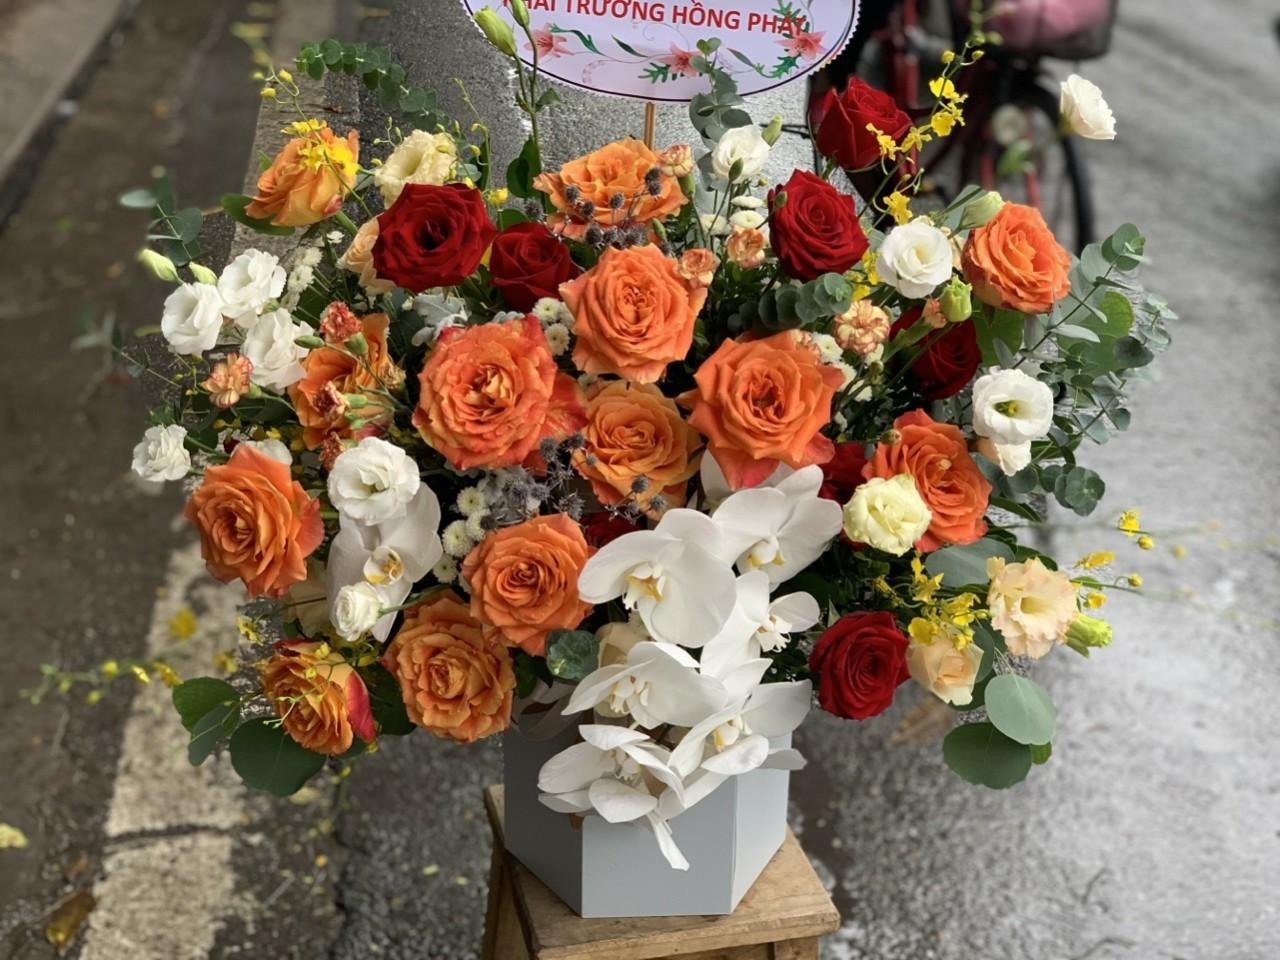 shop hoa tươi ở Con Cuông